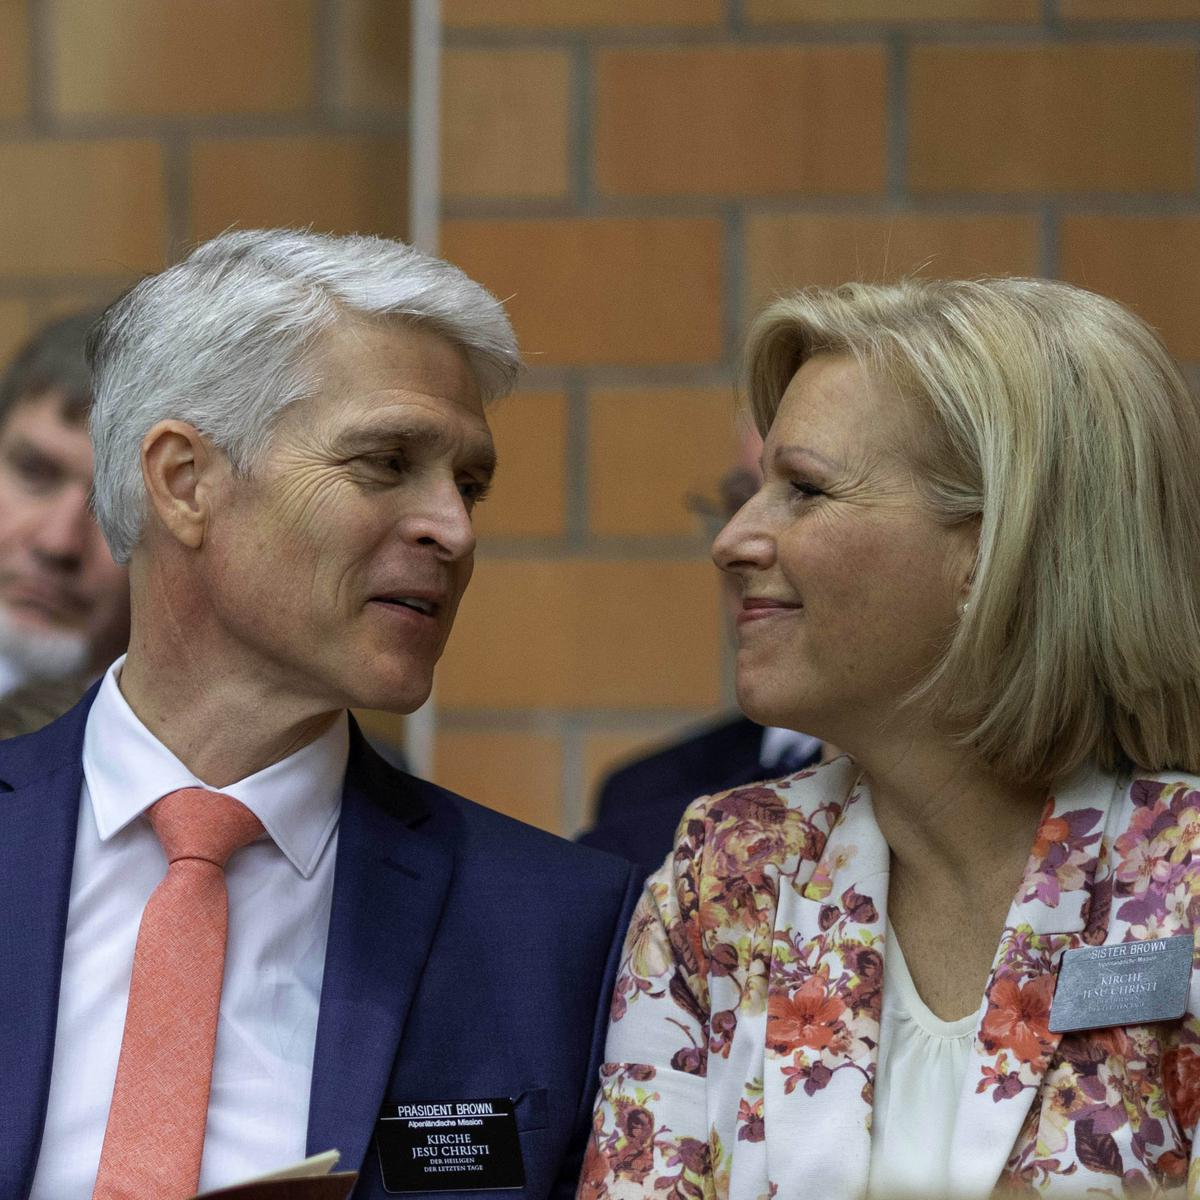 Missionspräsident Christopher Shawn Brown, mit Gattin Laura